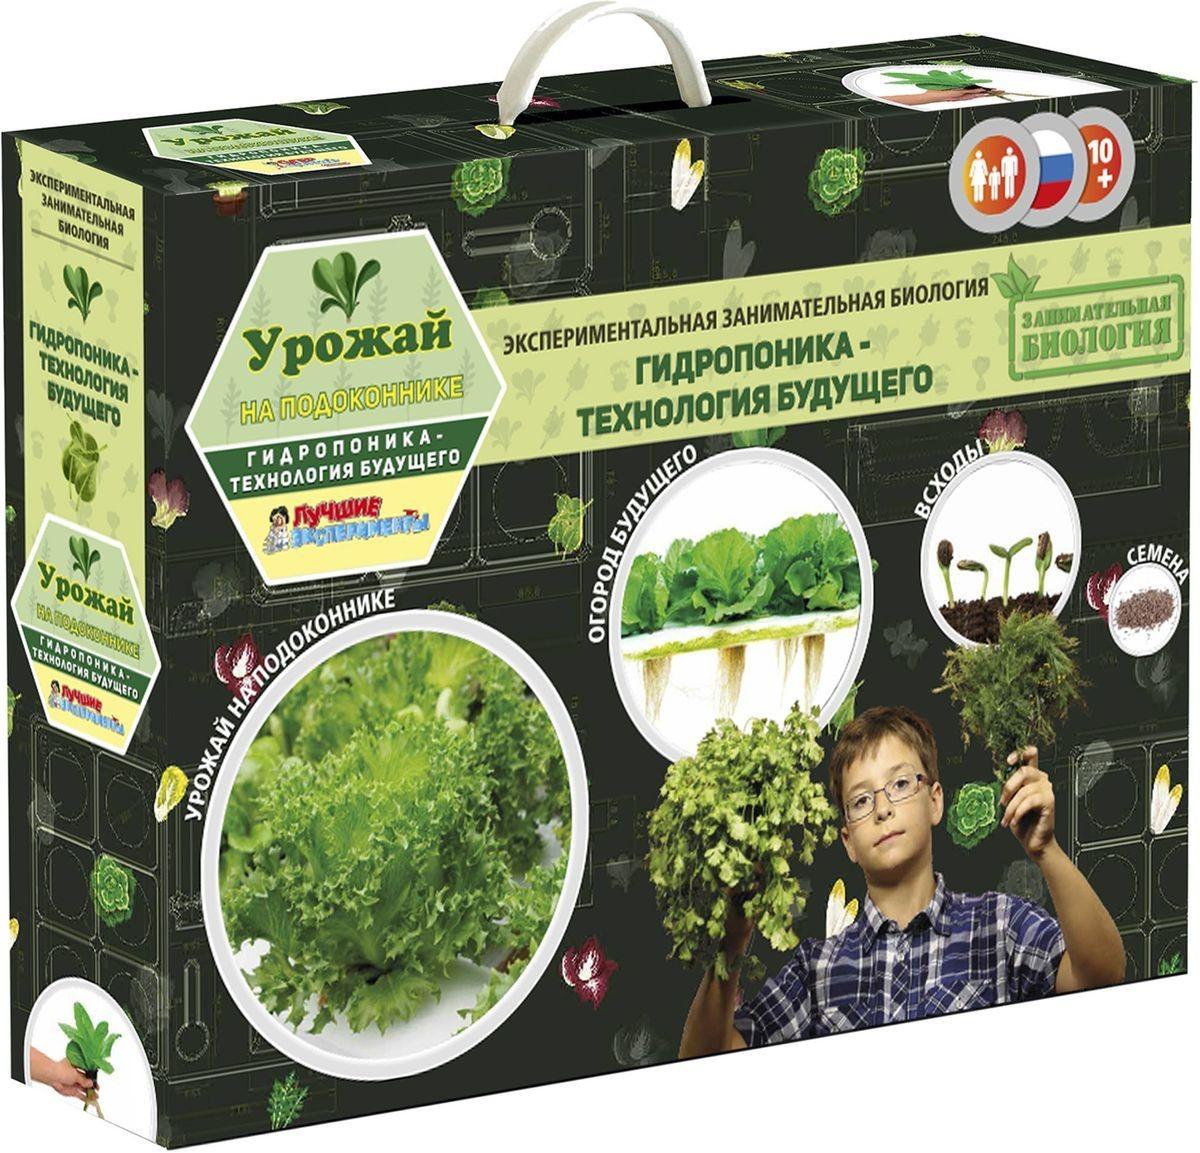 Купить Большой научно-биологический набор. Гидропоника. Урожай на подоконнике, Научные технологии.